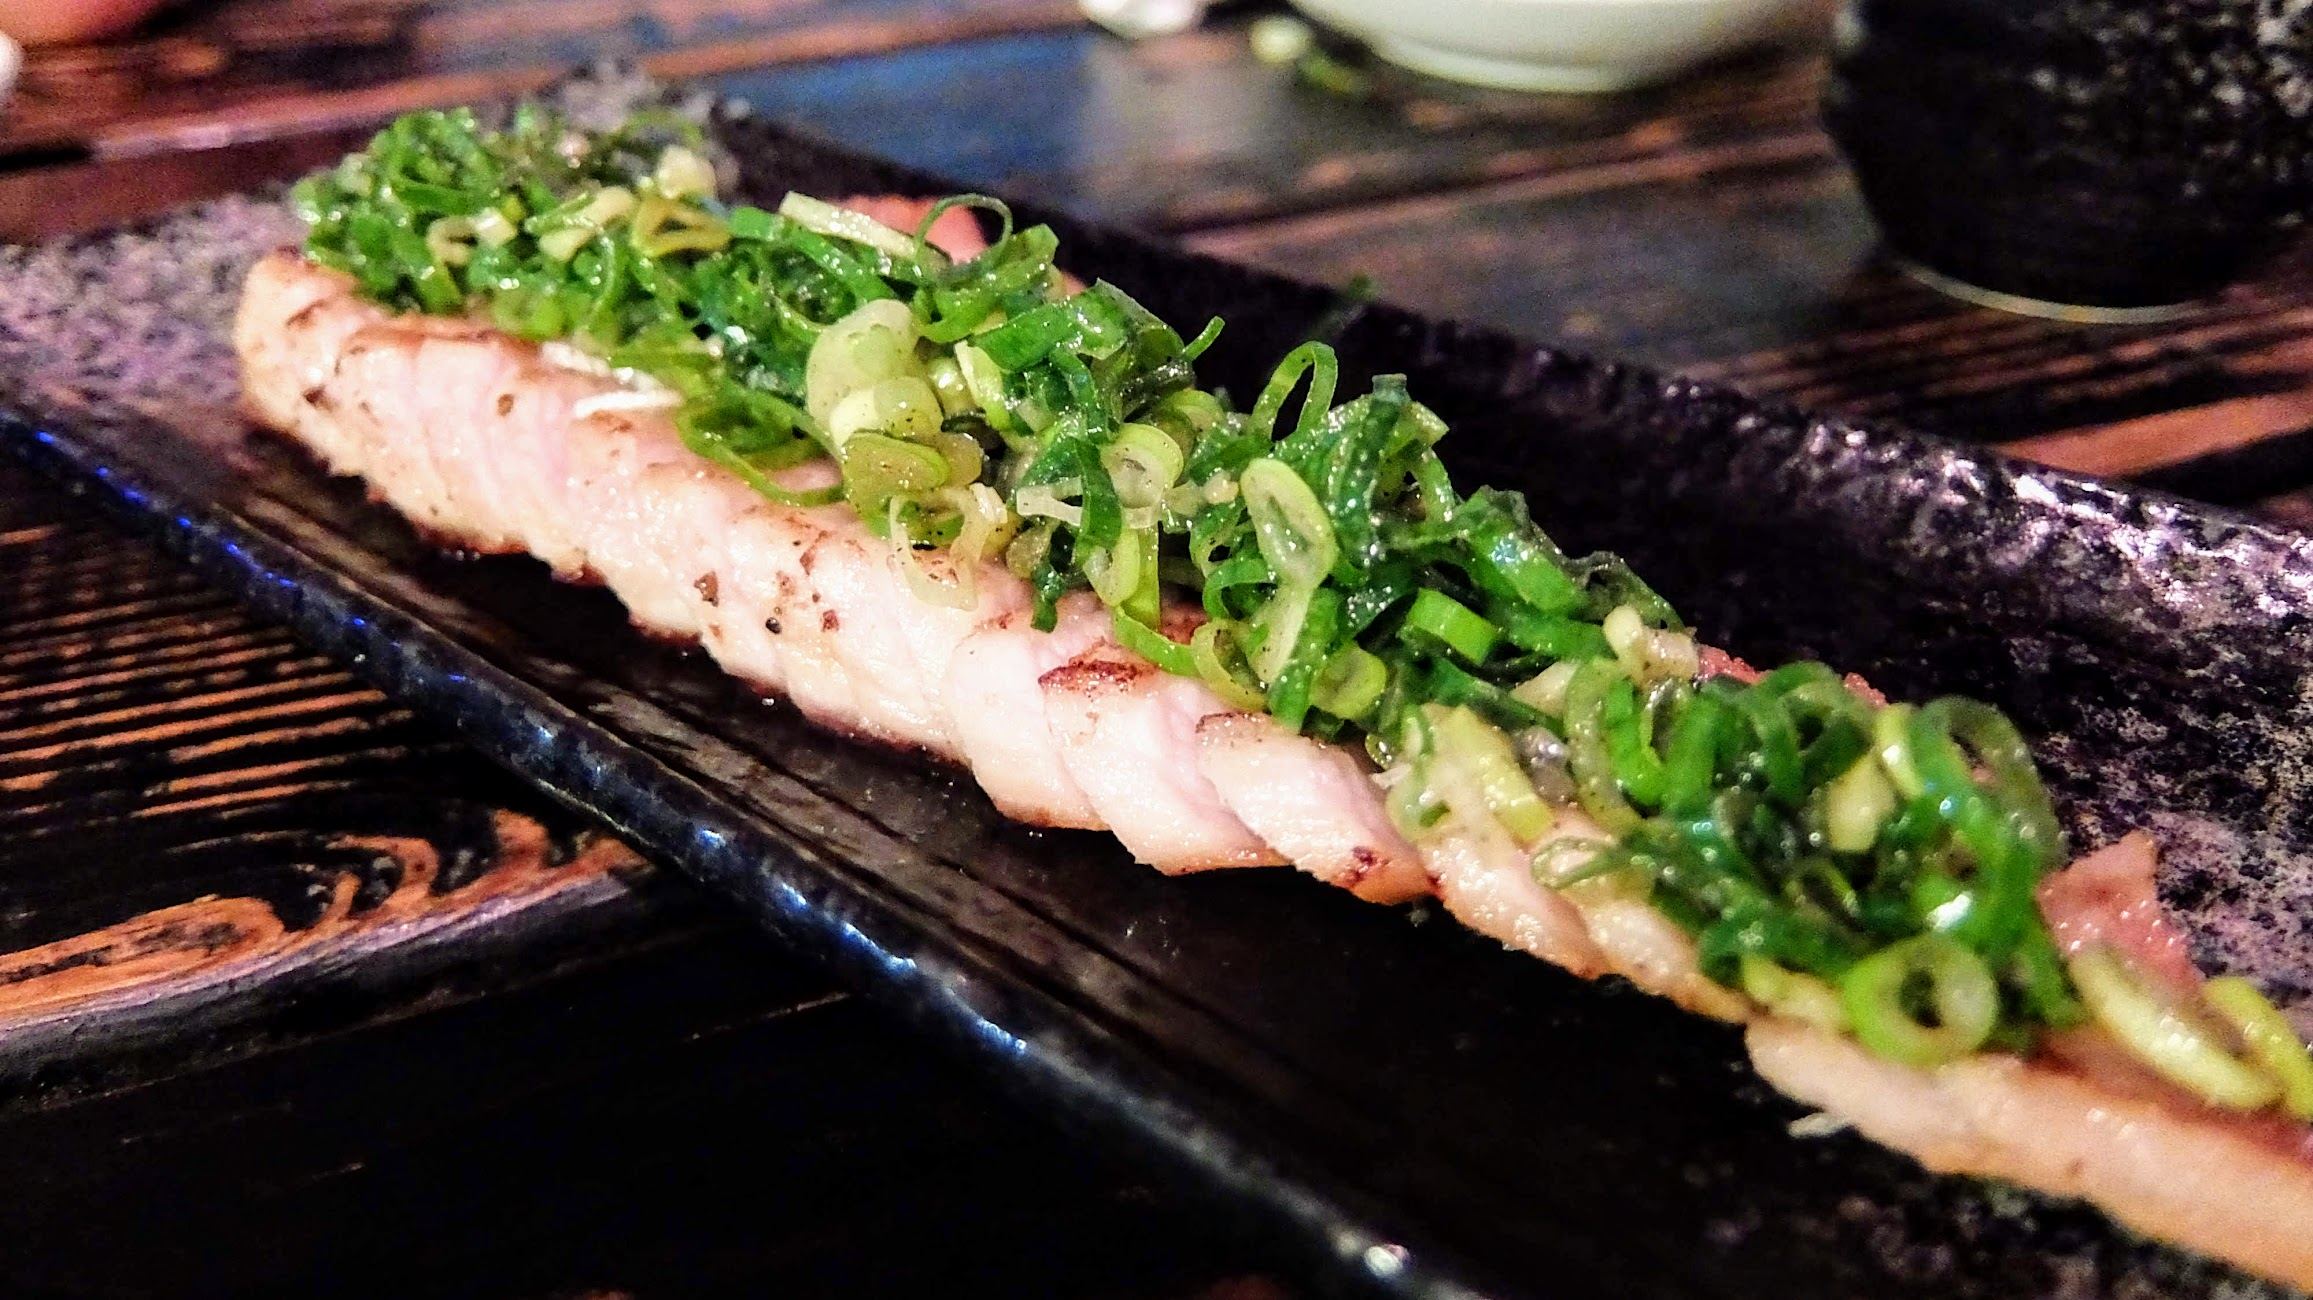 這個松阪豬,上頭的蔥花好香啊! 有一點像是油蔥雞那種蔥花說! 松板肉很q...